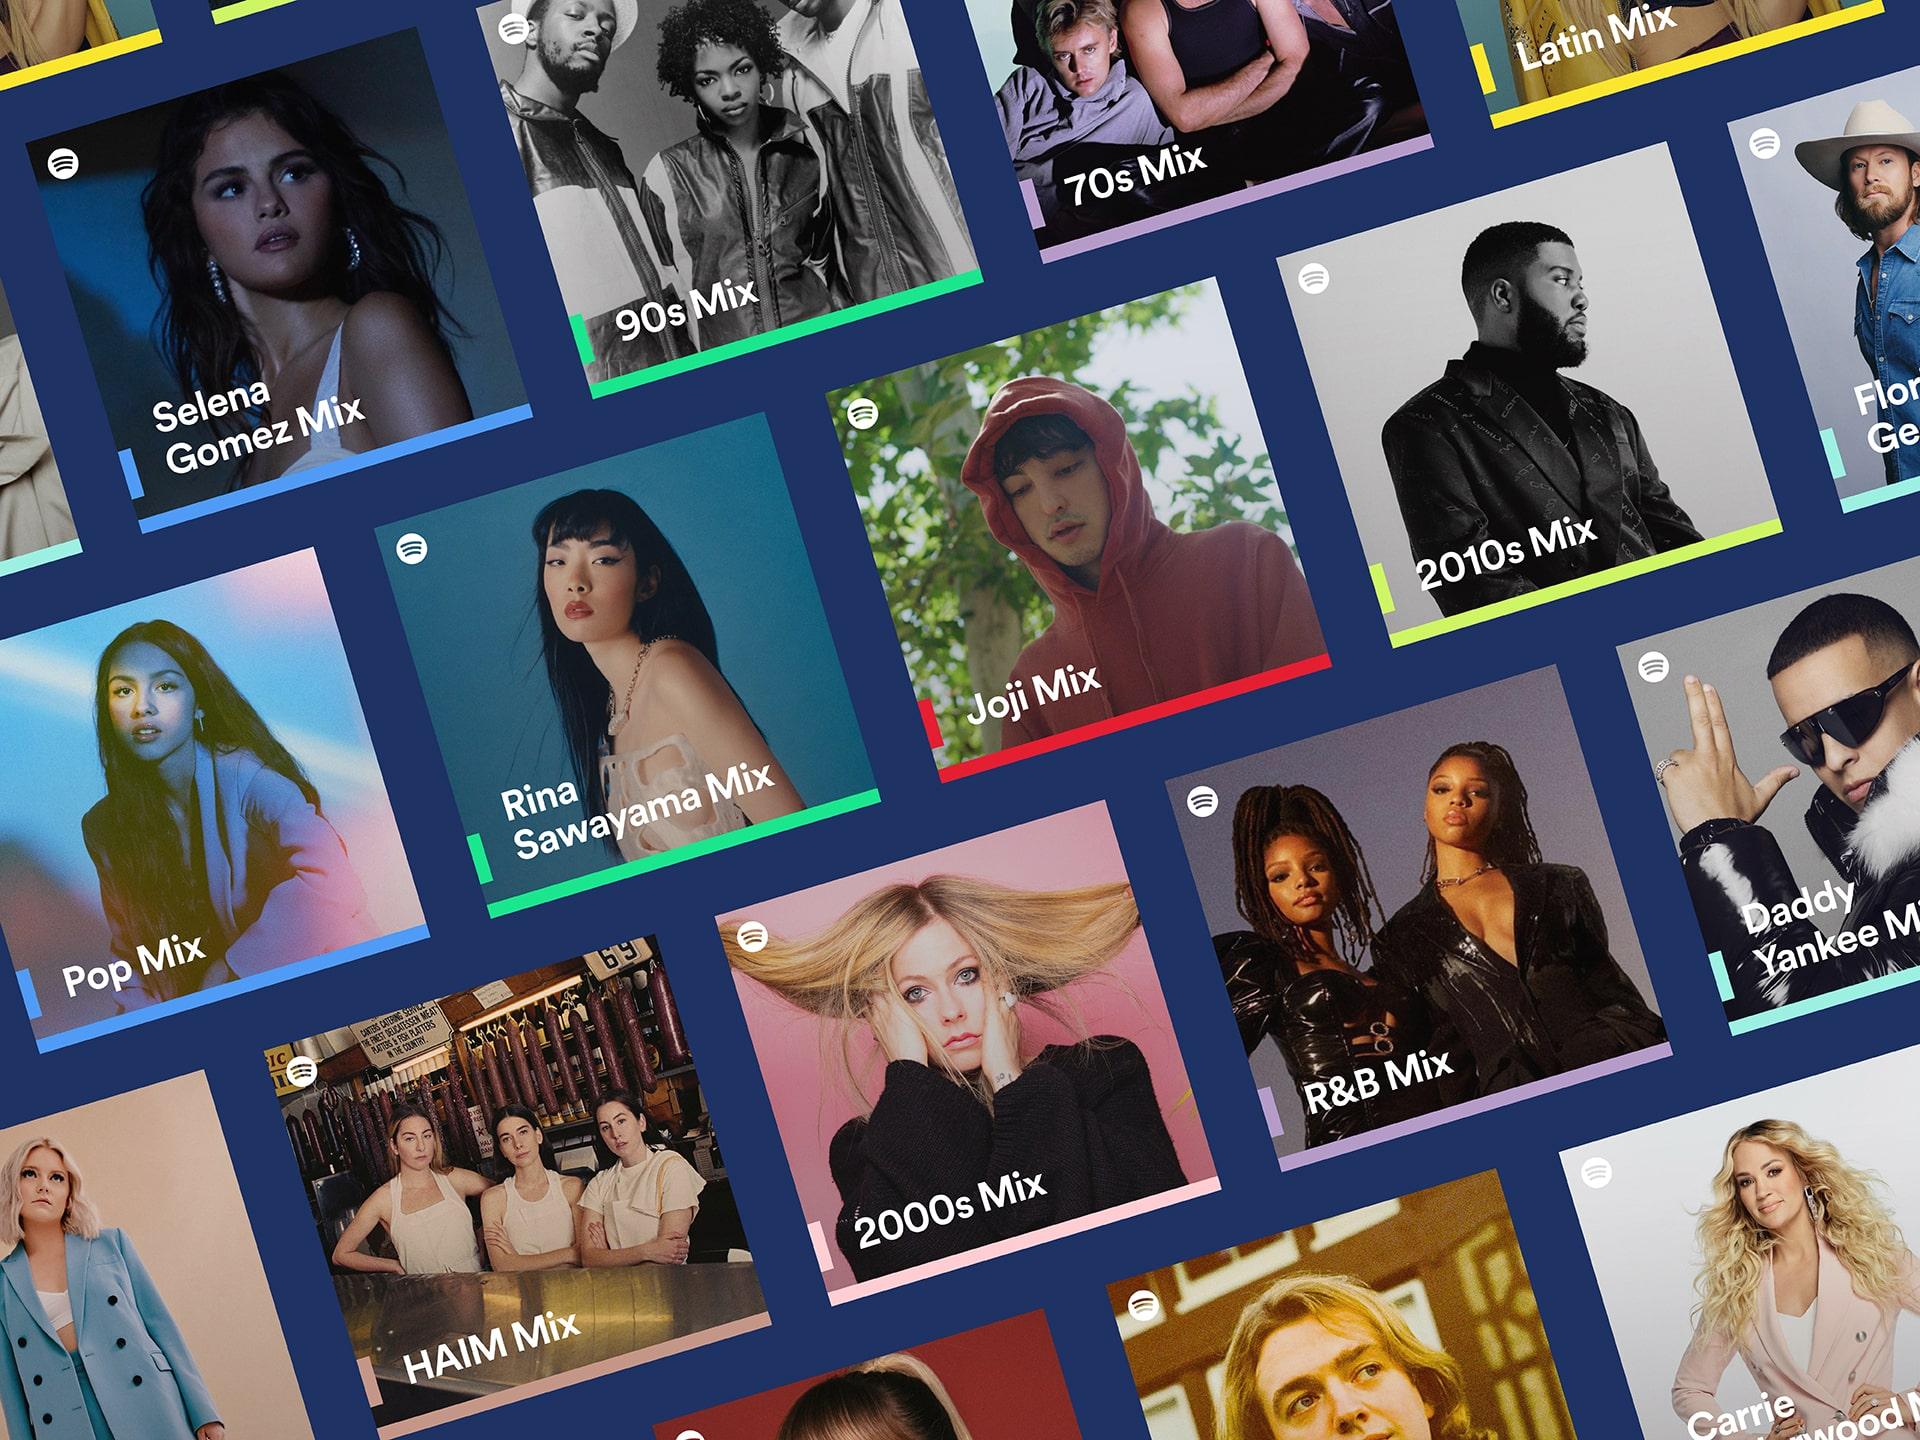 เปิดตัว Spotify Mixes โฉมใหม่ เพลย์ลิสต์ที่จัดทำเพื่อคุณ นำเสนอศิลปิน แนวเพลง และทศวรรษของเพลงที่เป็นที่ชื่นชอบ